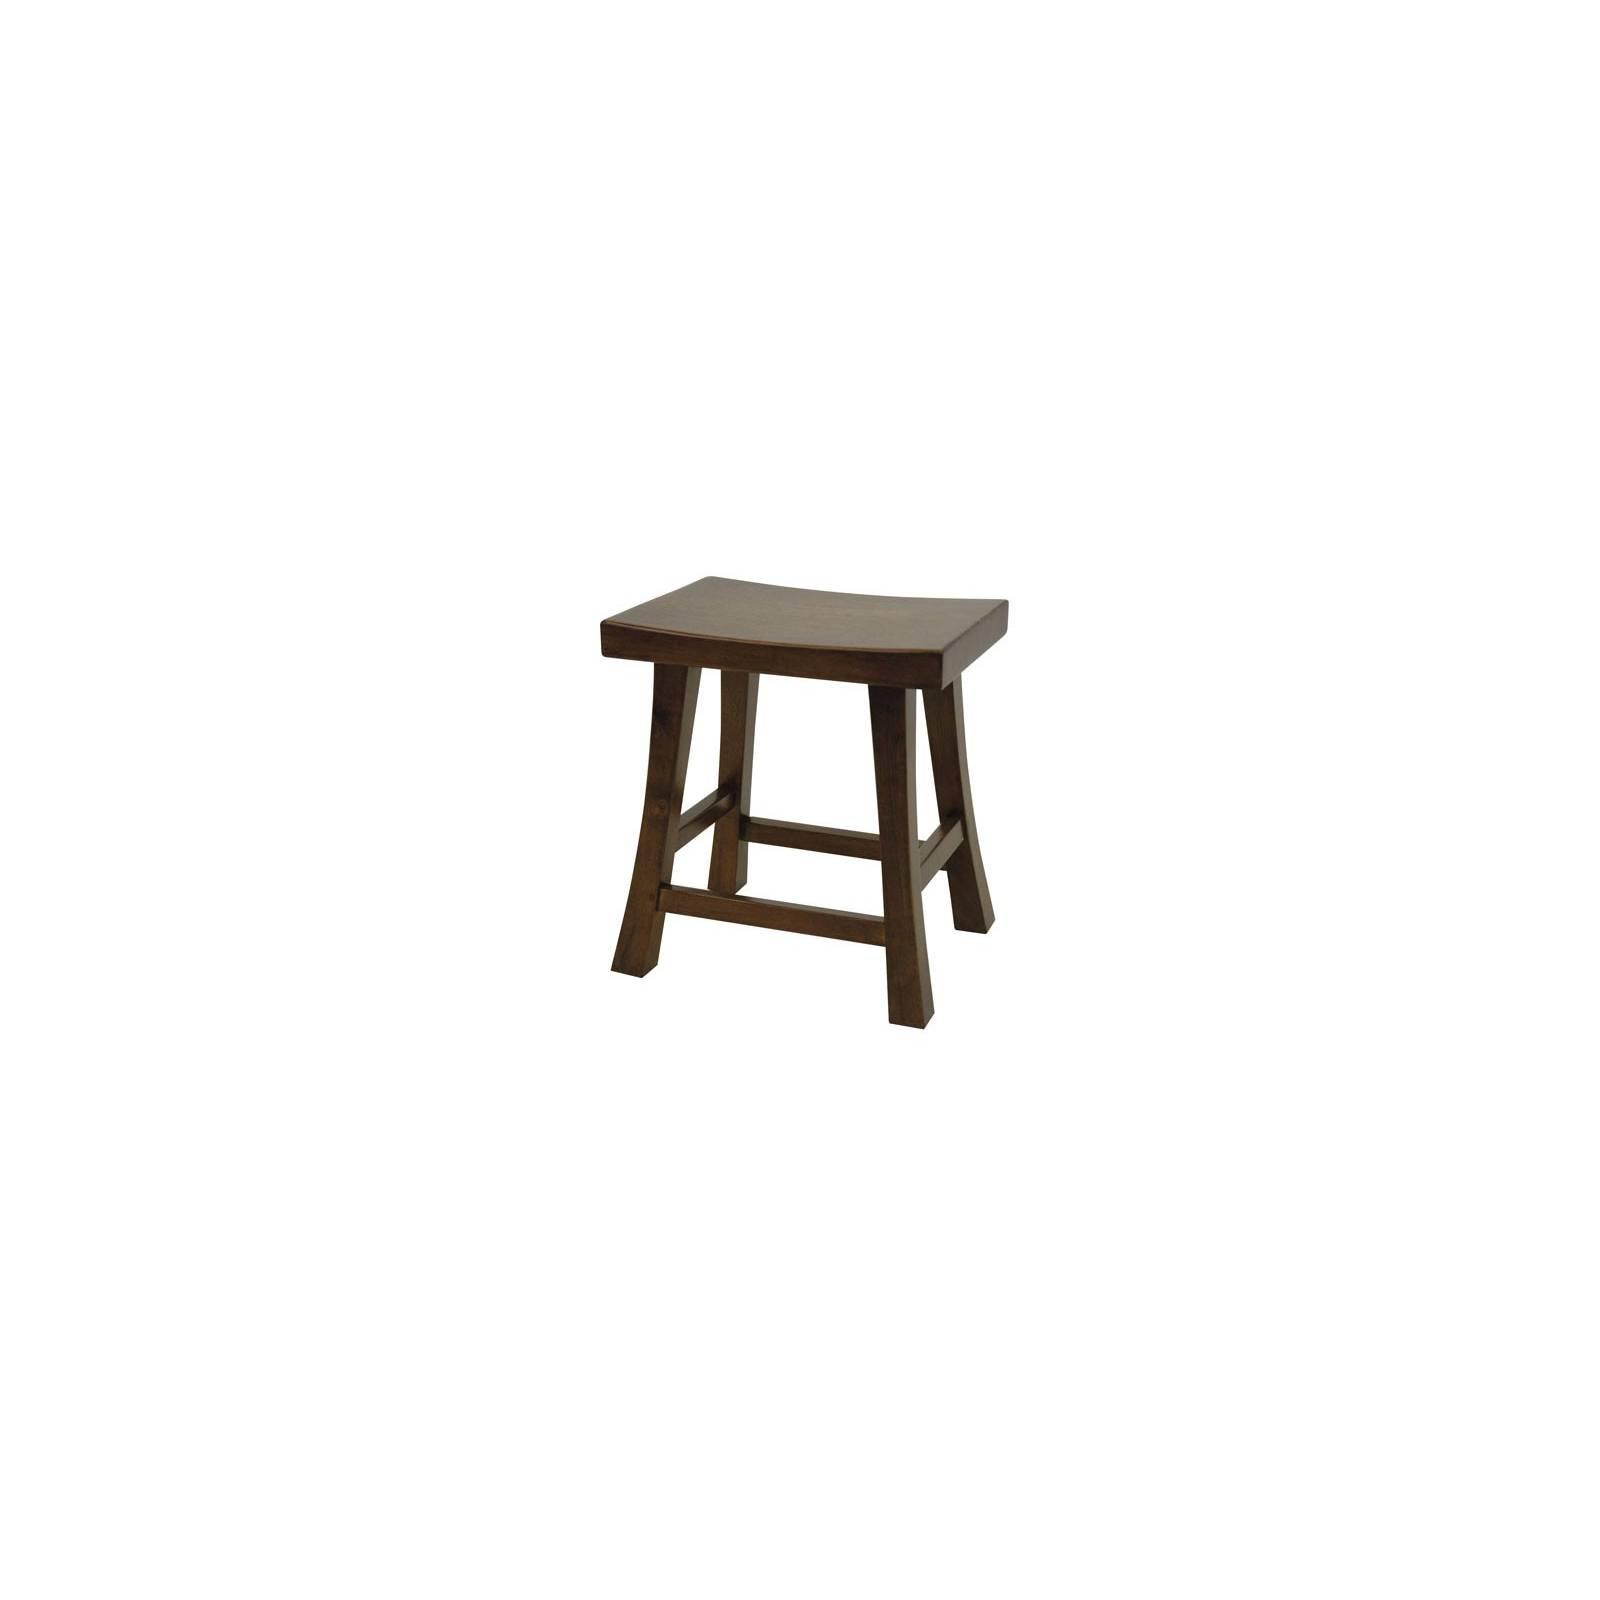 Tabouret Design Chine Hévéa - meuble bois exotique